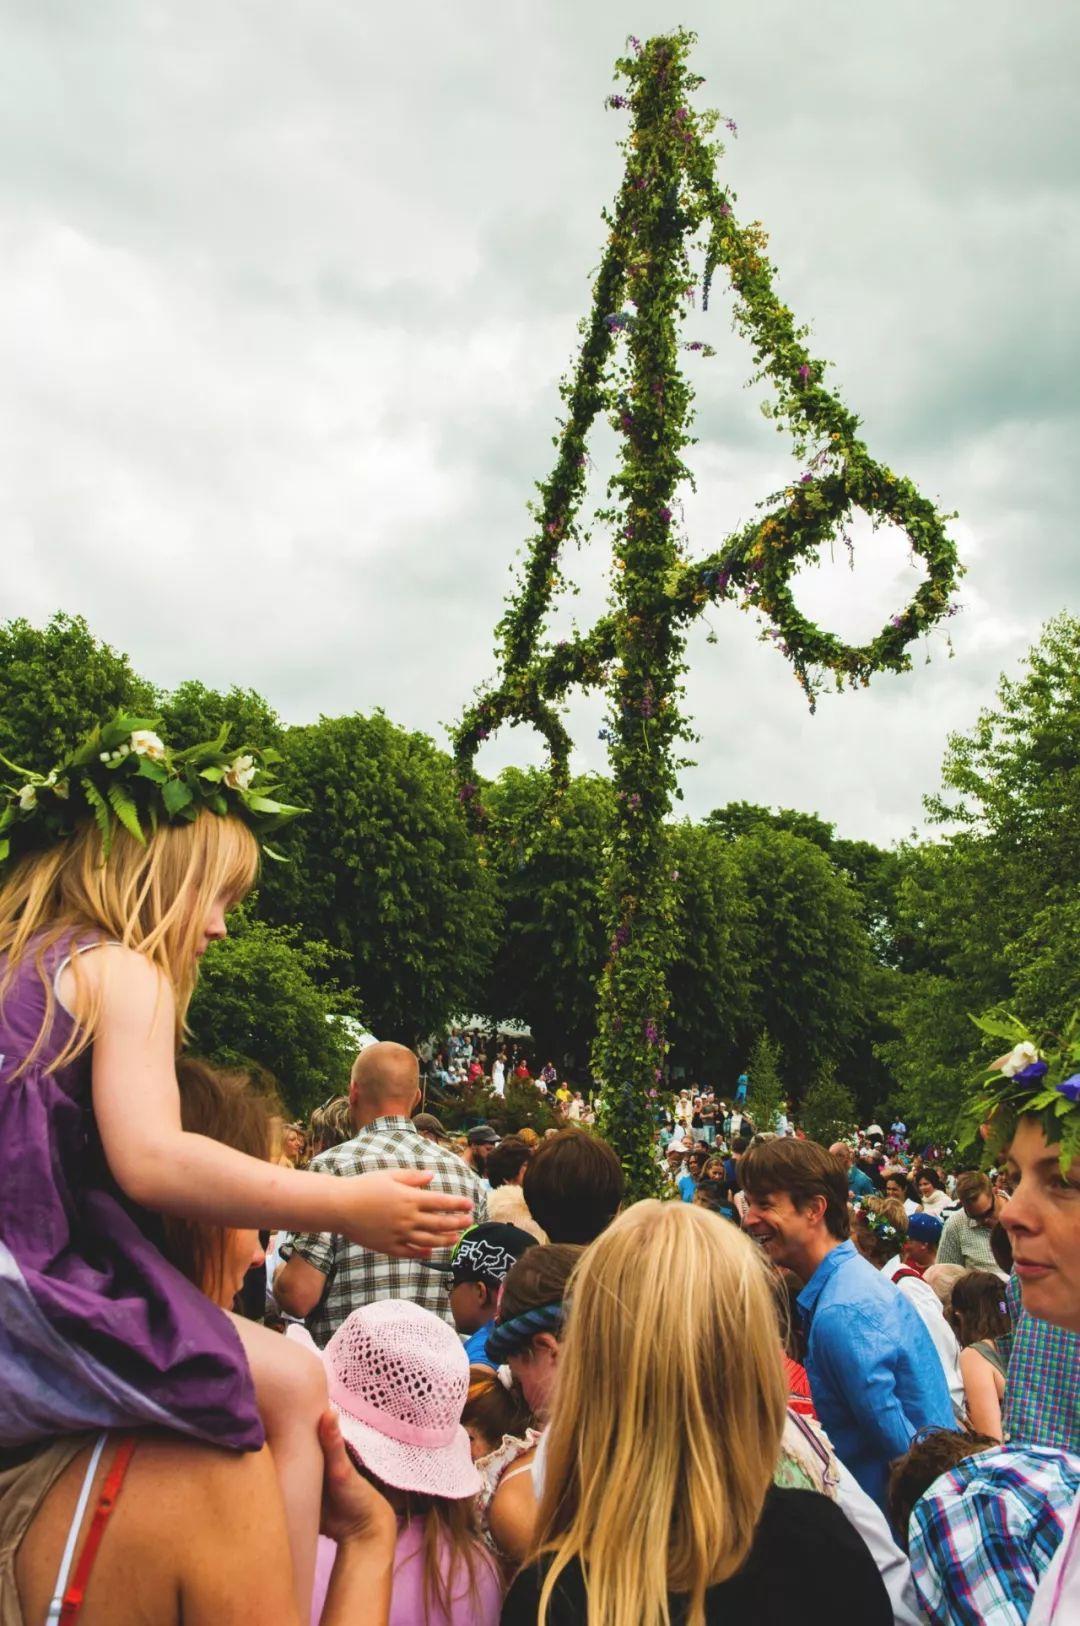 致敬这最漫长的白昼 | 瑞典仲夏2018之灵感地图